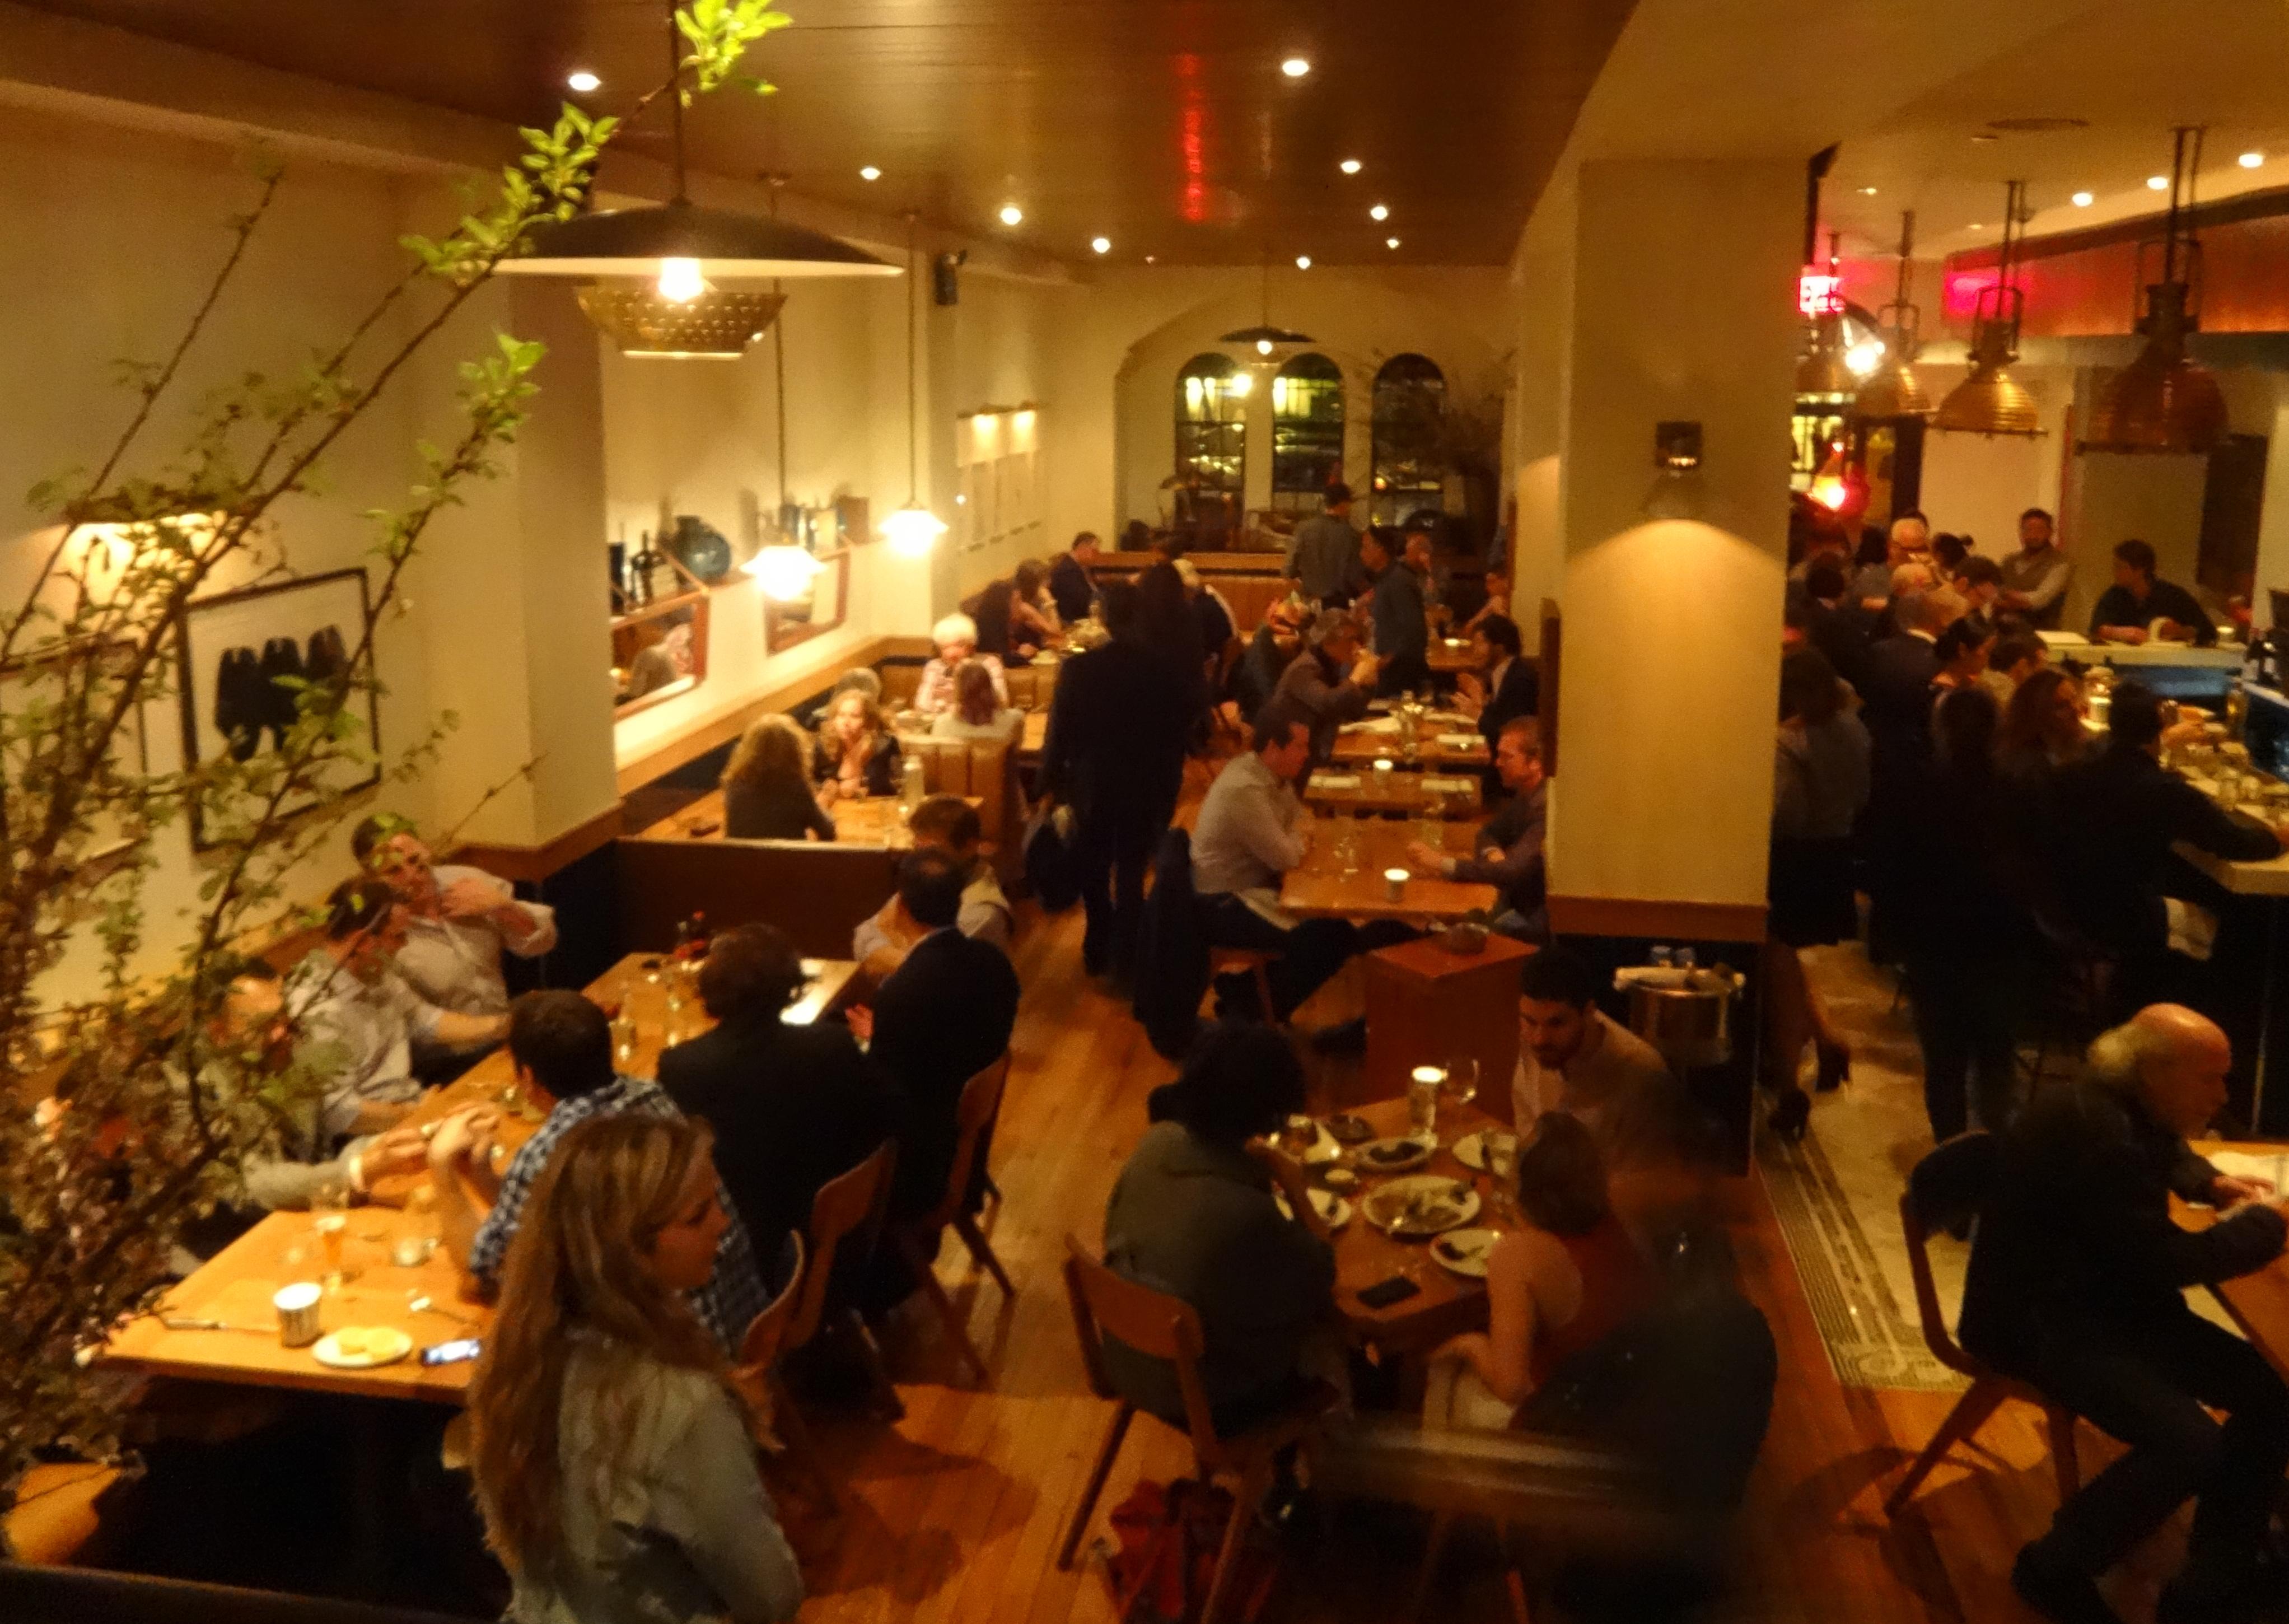 Barchetta dining room